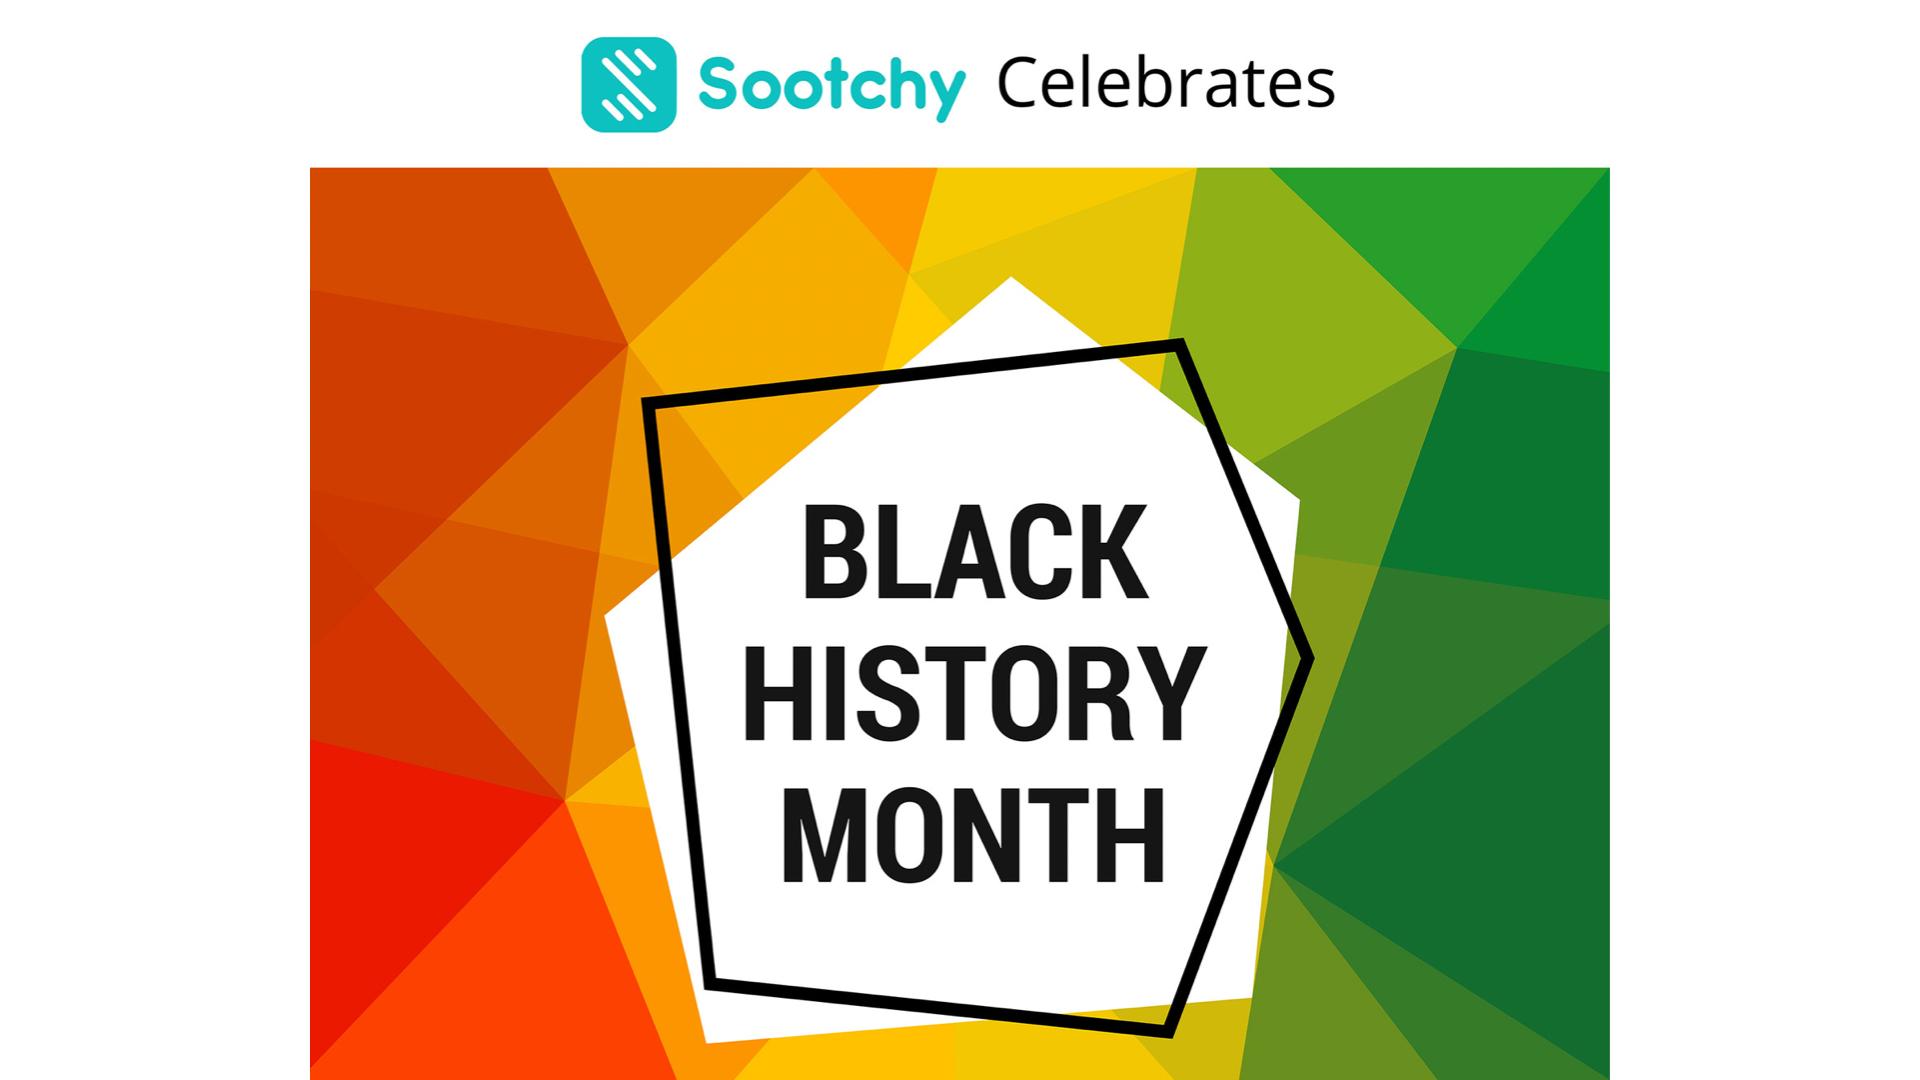 Sootchy Celebrates: Fanny Jackson Coppin